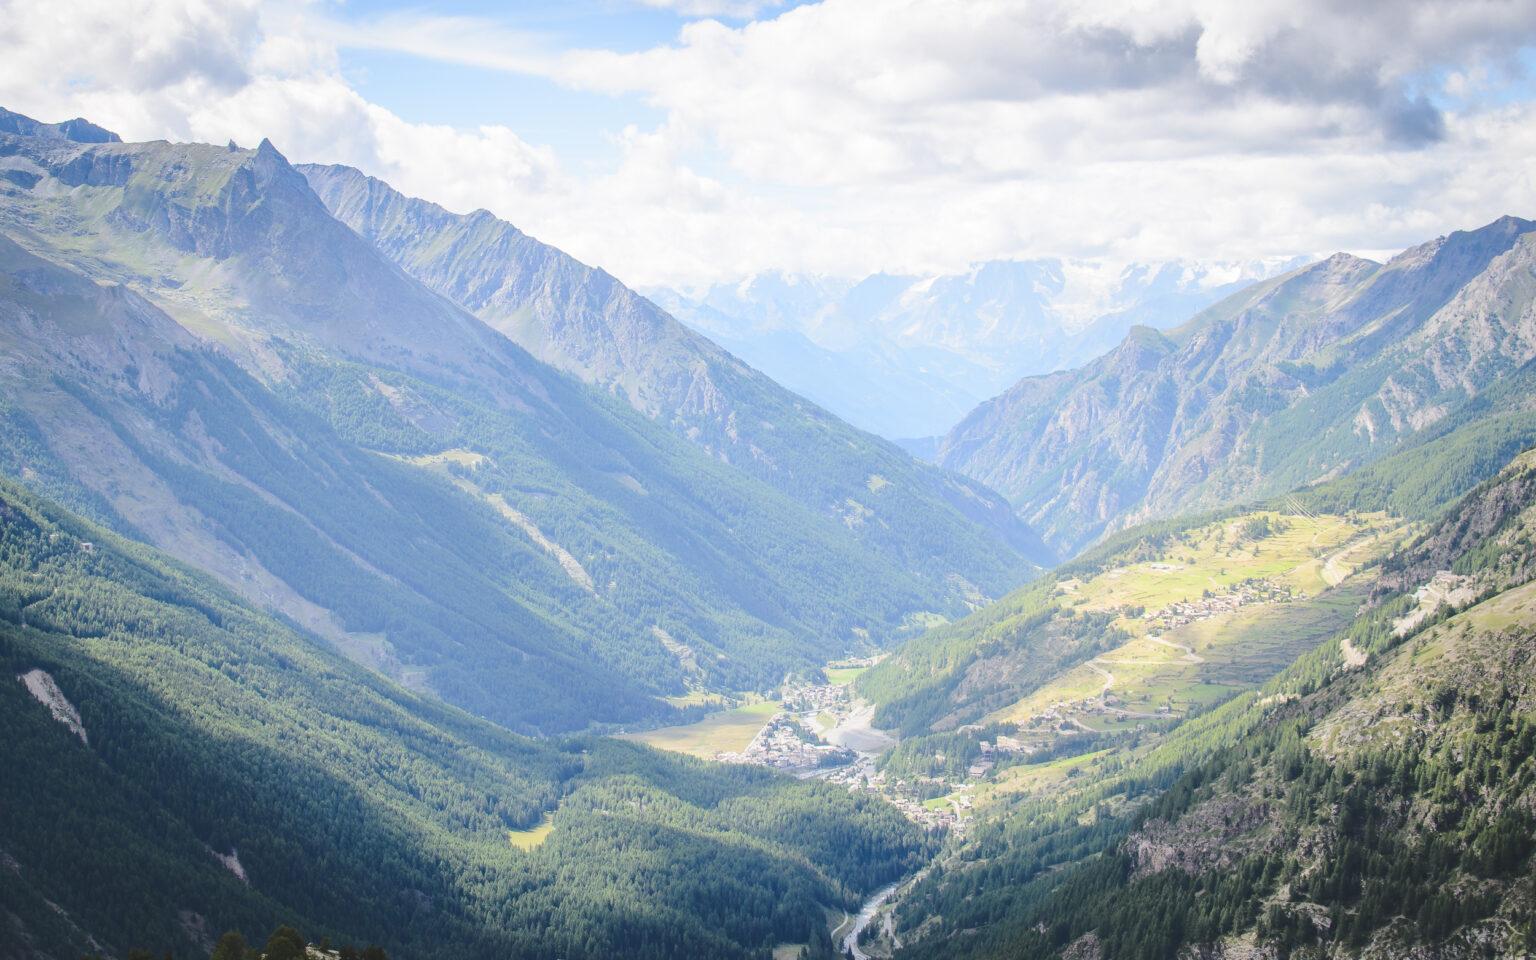 Widok na Dolinę Cogne i Mont Blanc w chmurze - włoskie Alpy Graickie